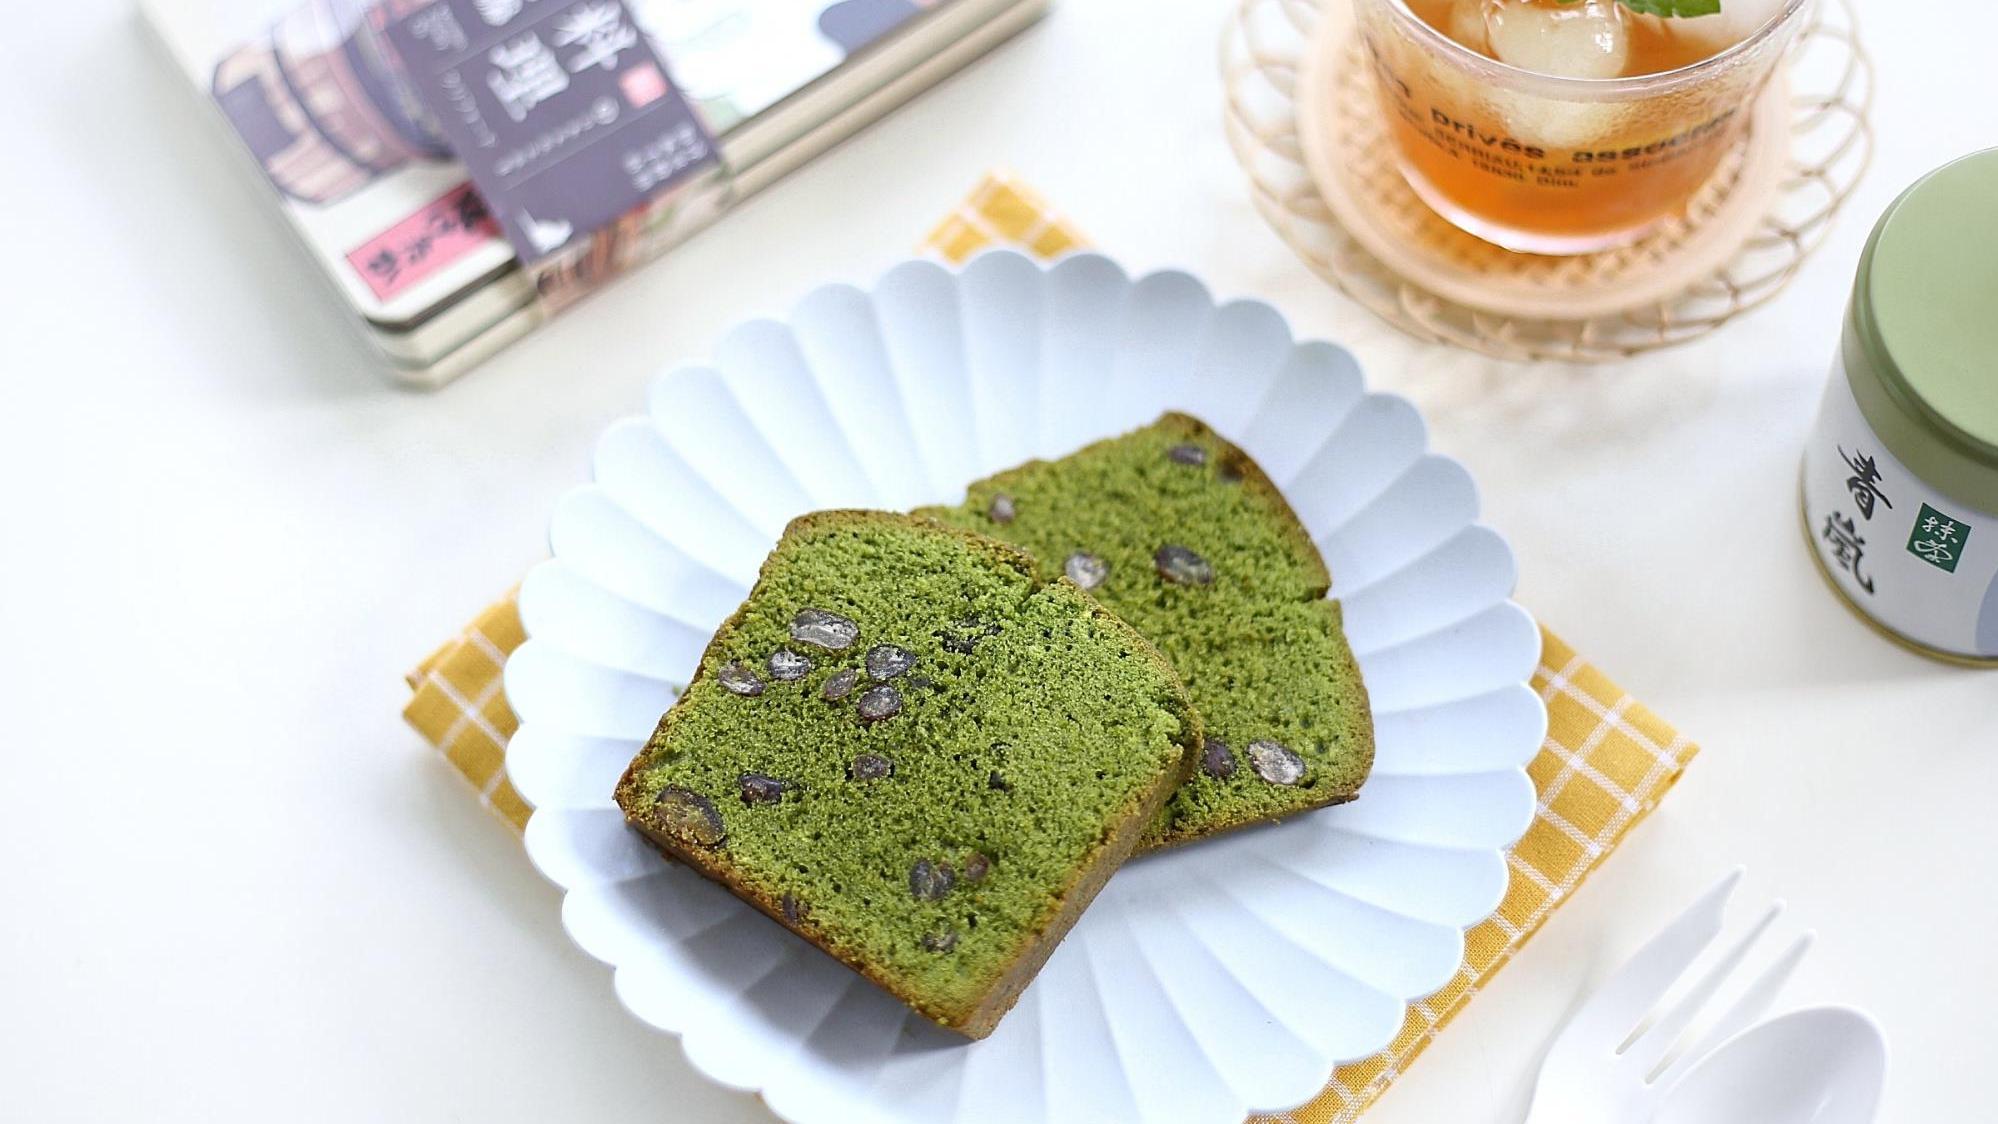 这款蛋糕比戚风简单,比海绵蛋糕好吃,做法不难,适合新手学做